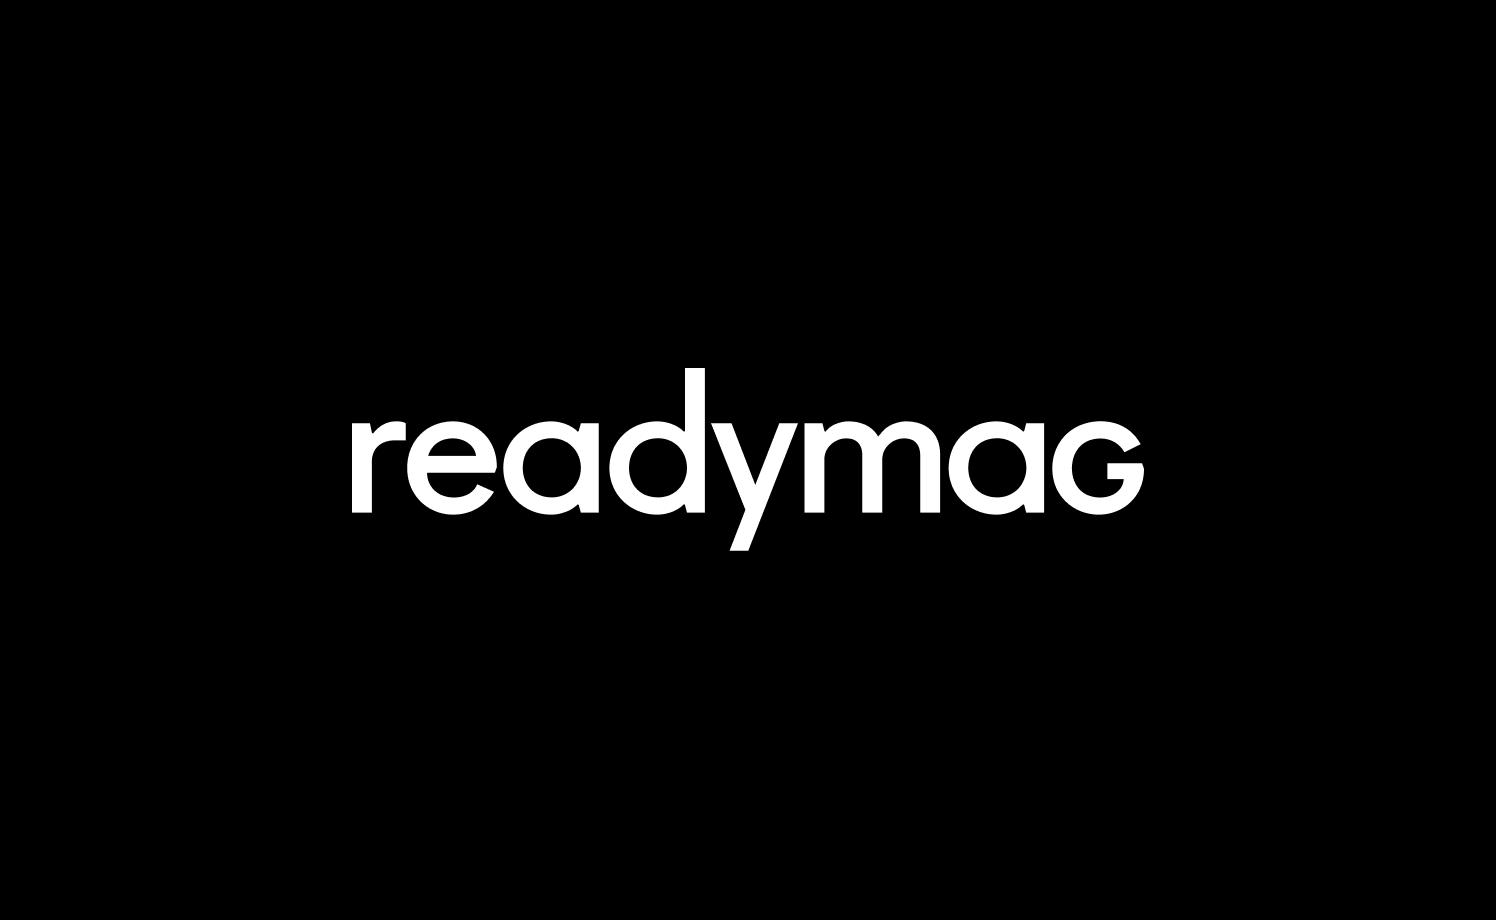 feedback-friday-readymag